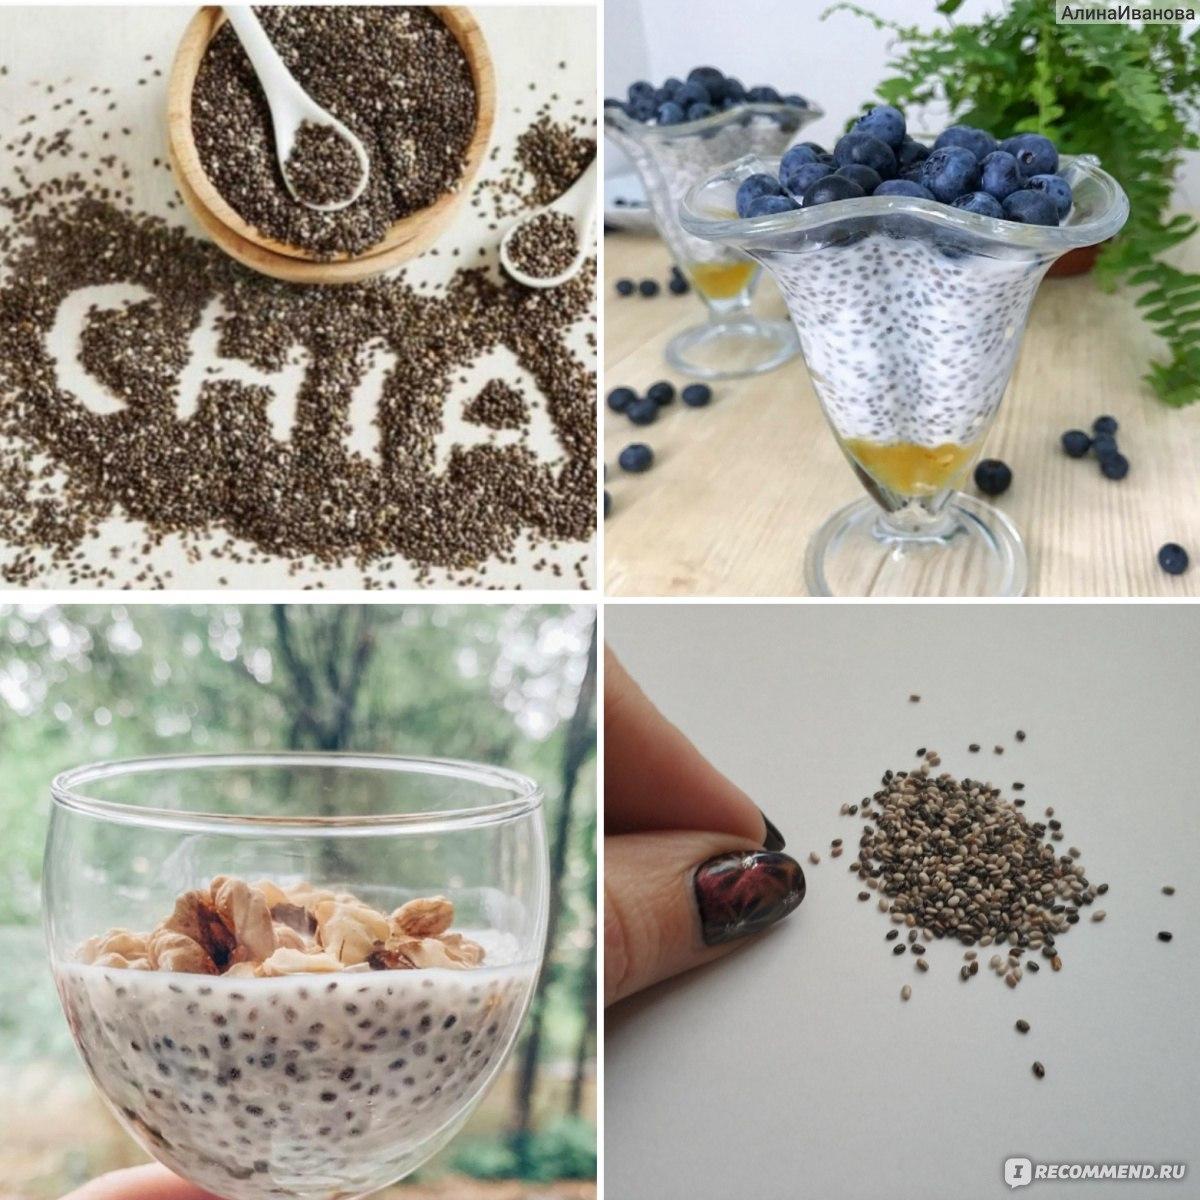 Семена чиа для похудения: как принимать, рецепты и варианты диет, отзывы врачей и худеющих medistok.ru - жизнь без болезней и лекарств